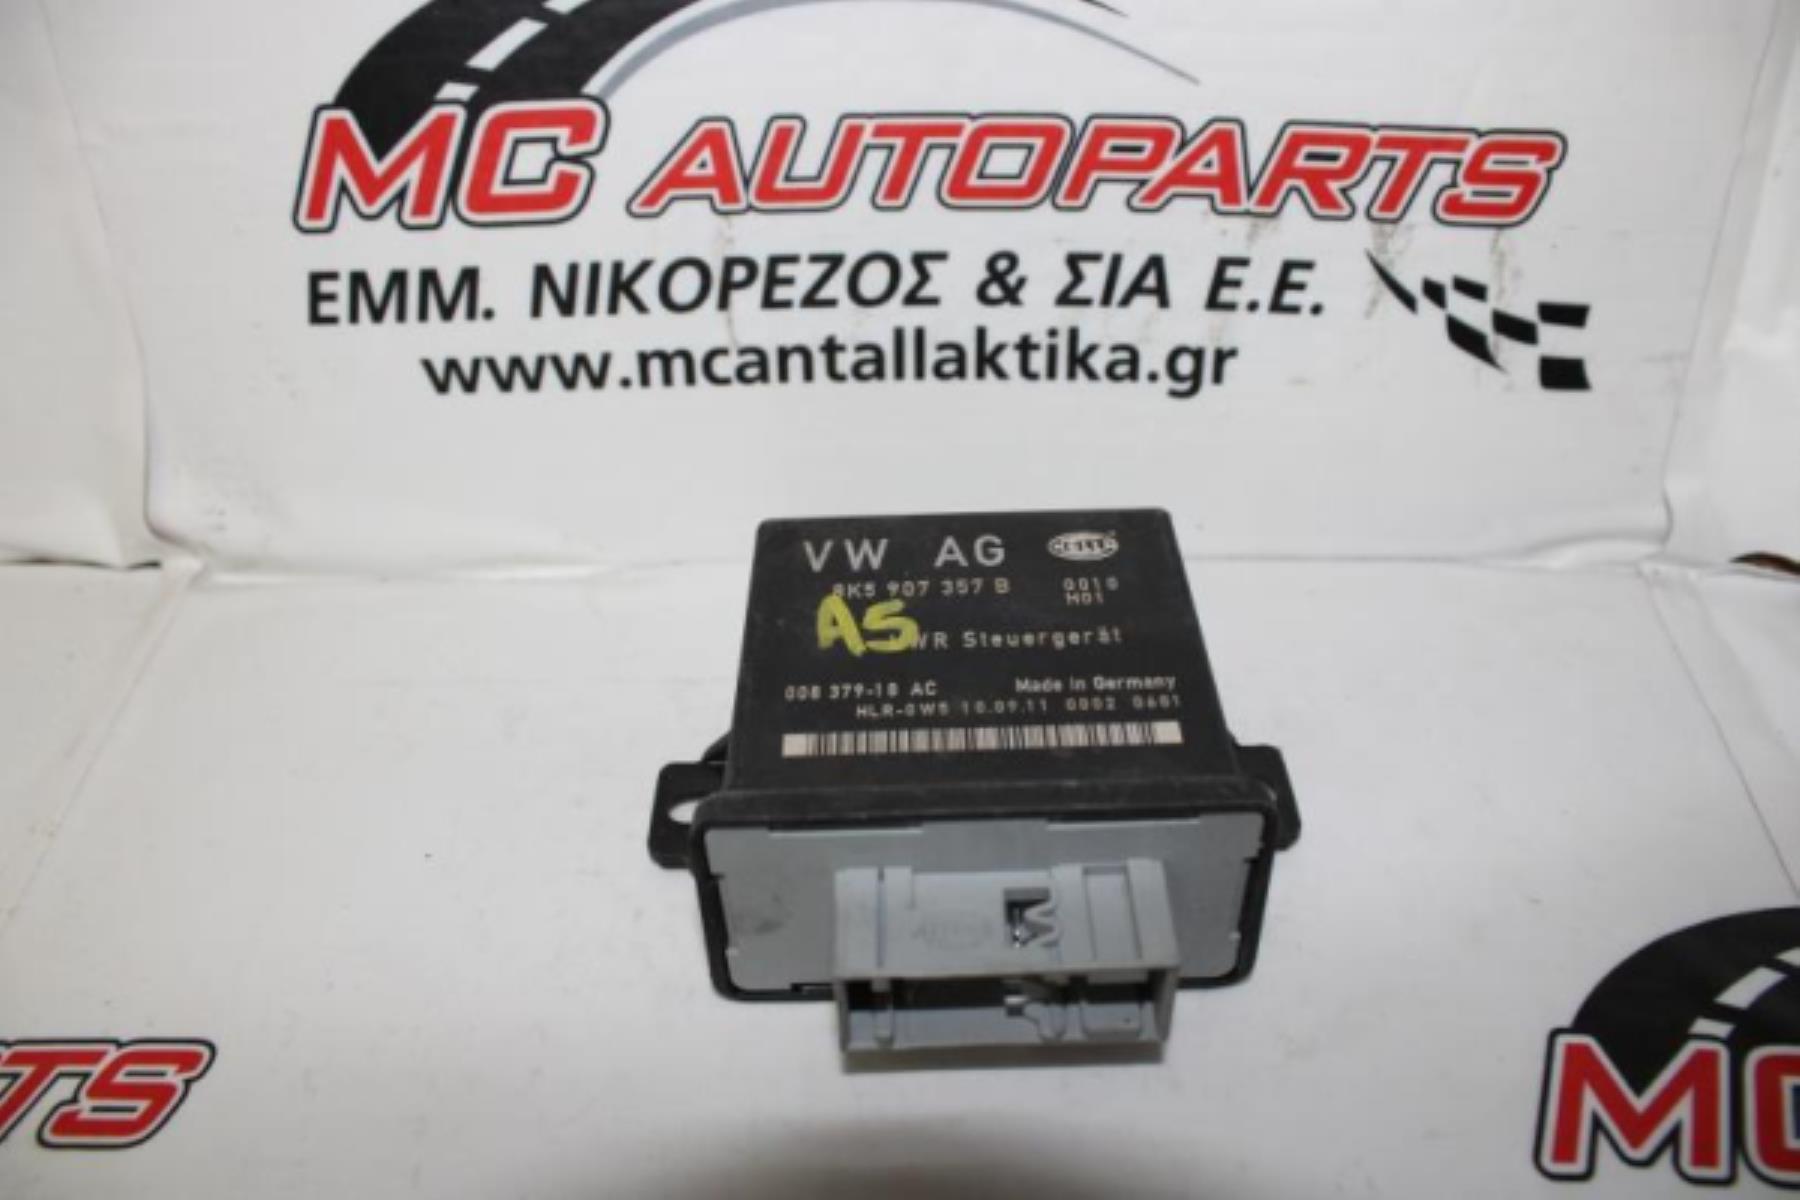 Εικόνα από Πλακέτα  AUDI A5 (2007-2011)  8K0907357B   φώτων